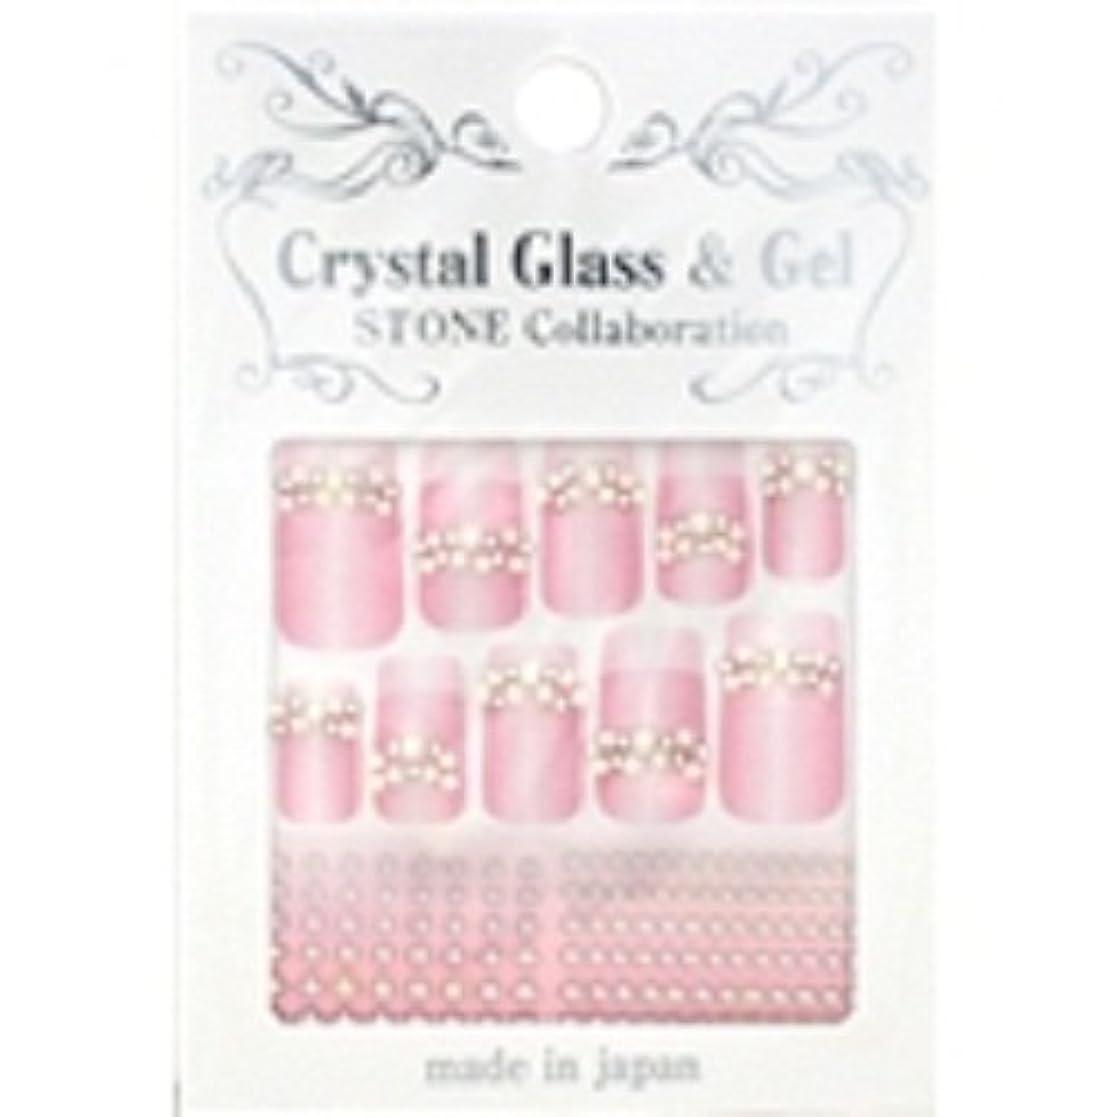 冷蔵庫抑制ラップBN クリスタルガラス&ジェル ストーンコラボレーション PSS-8